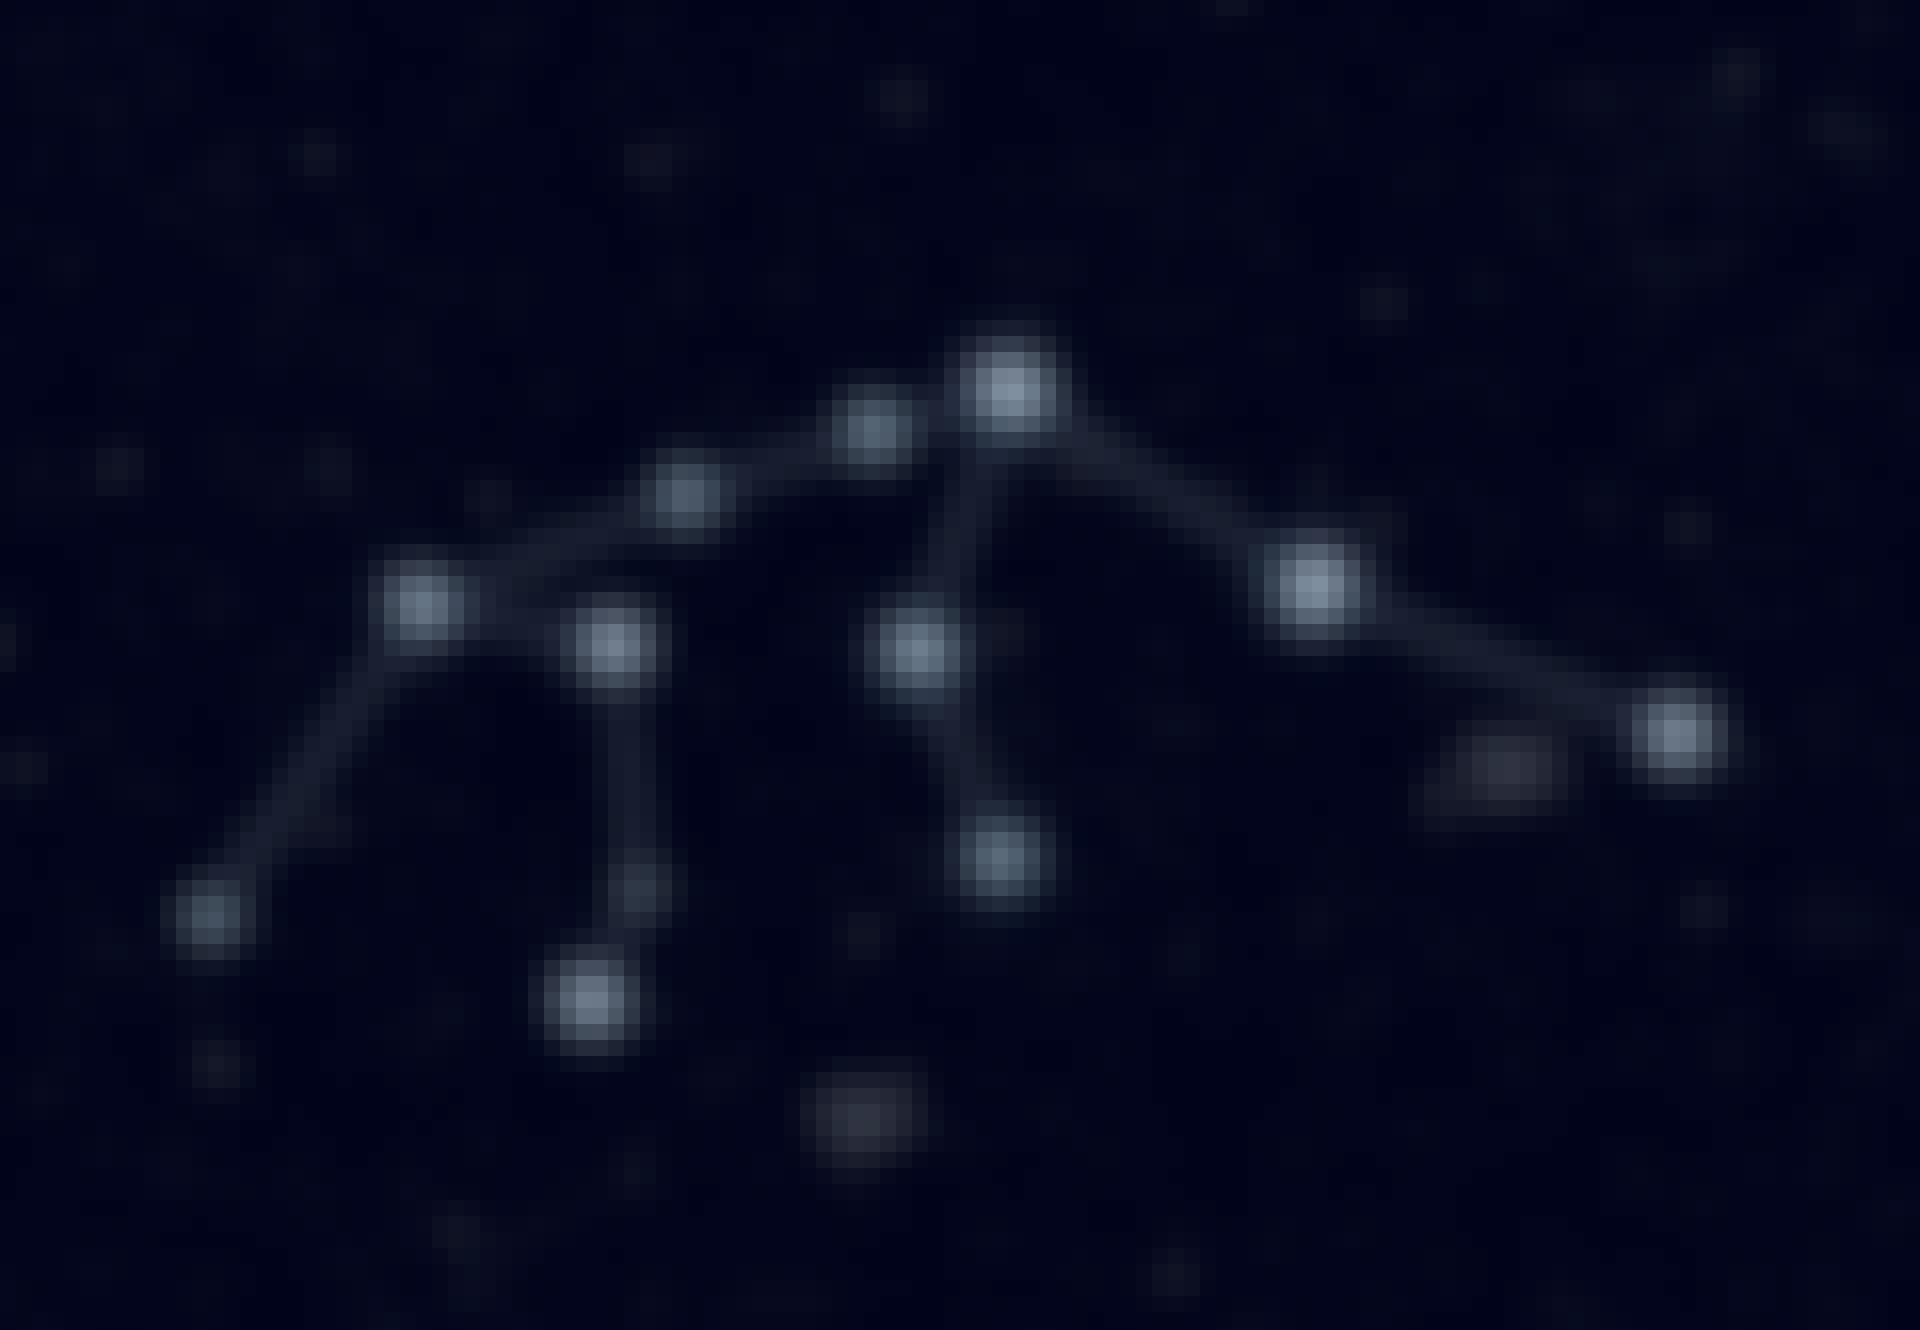 Stjernebilledet Vandmanden på himlen